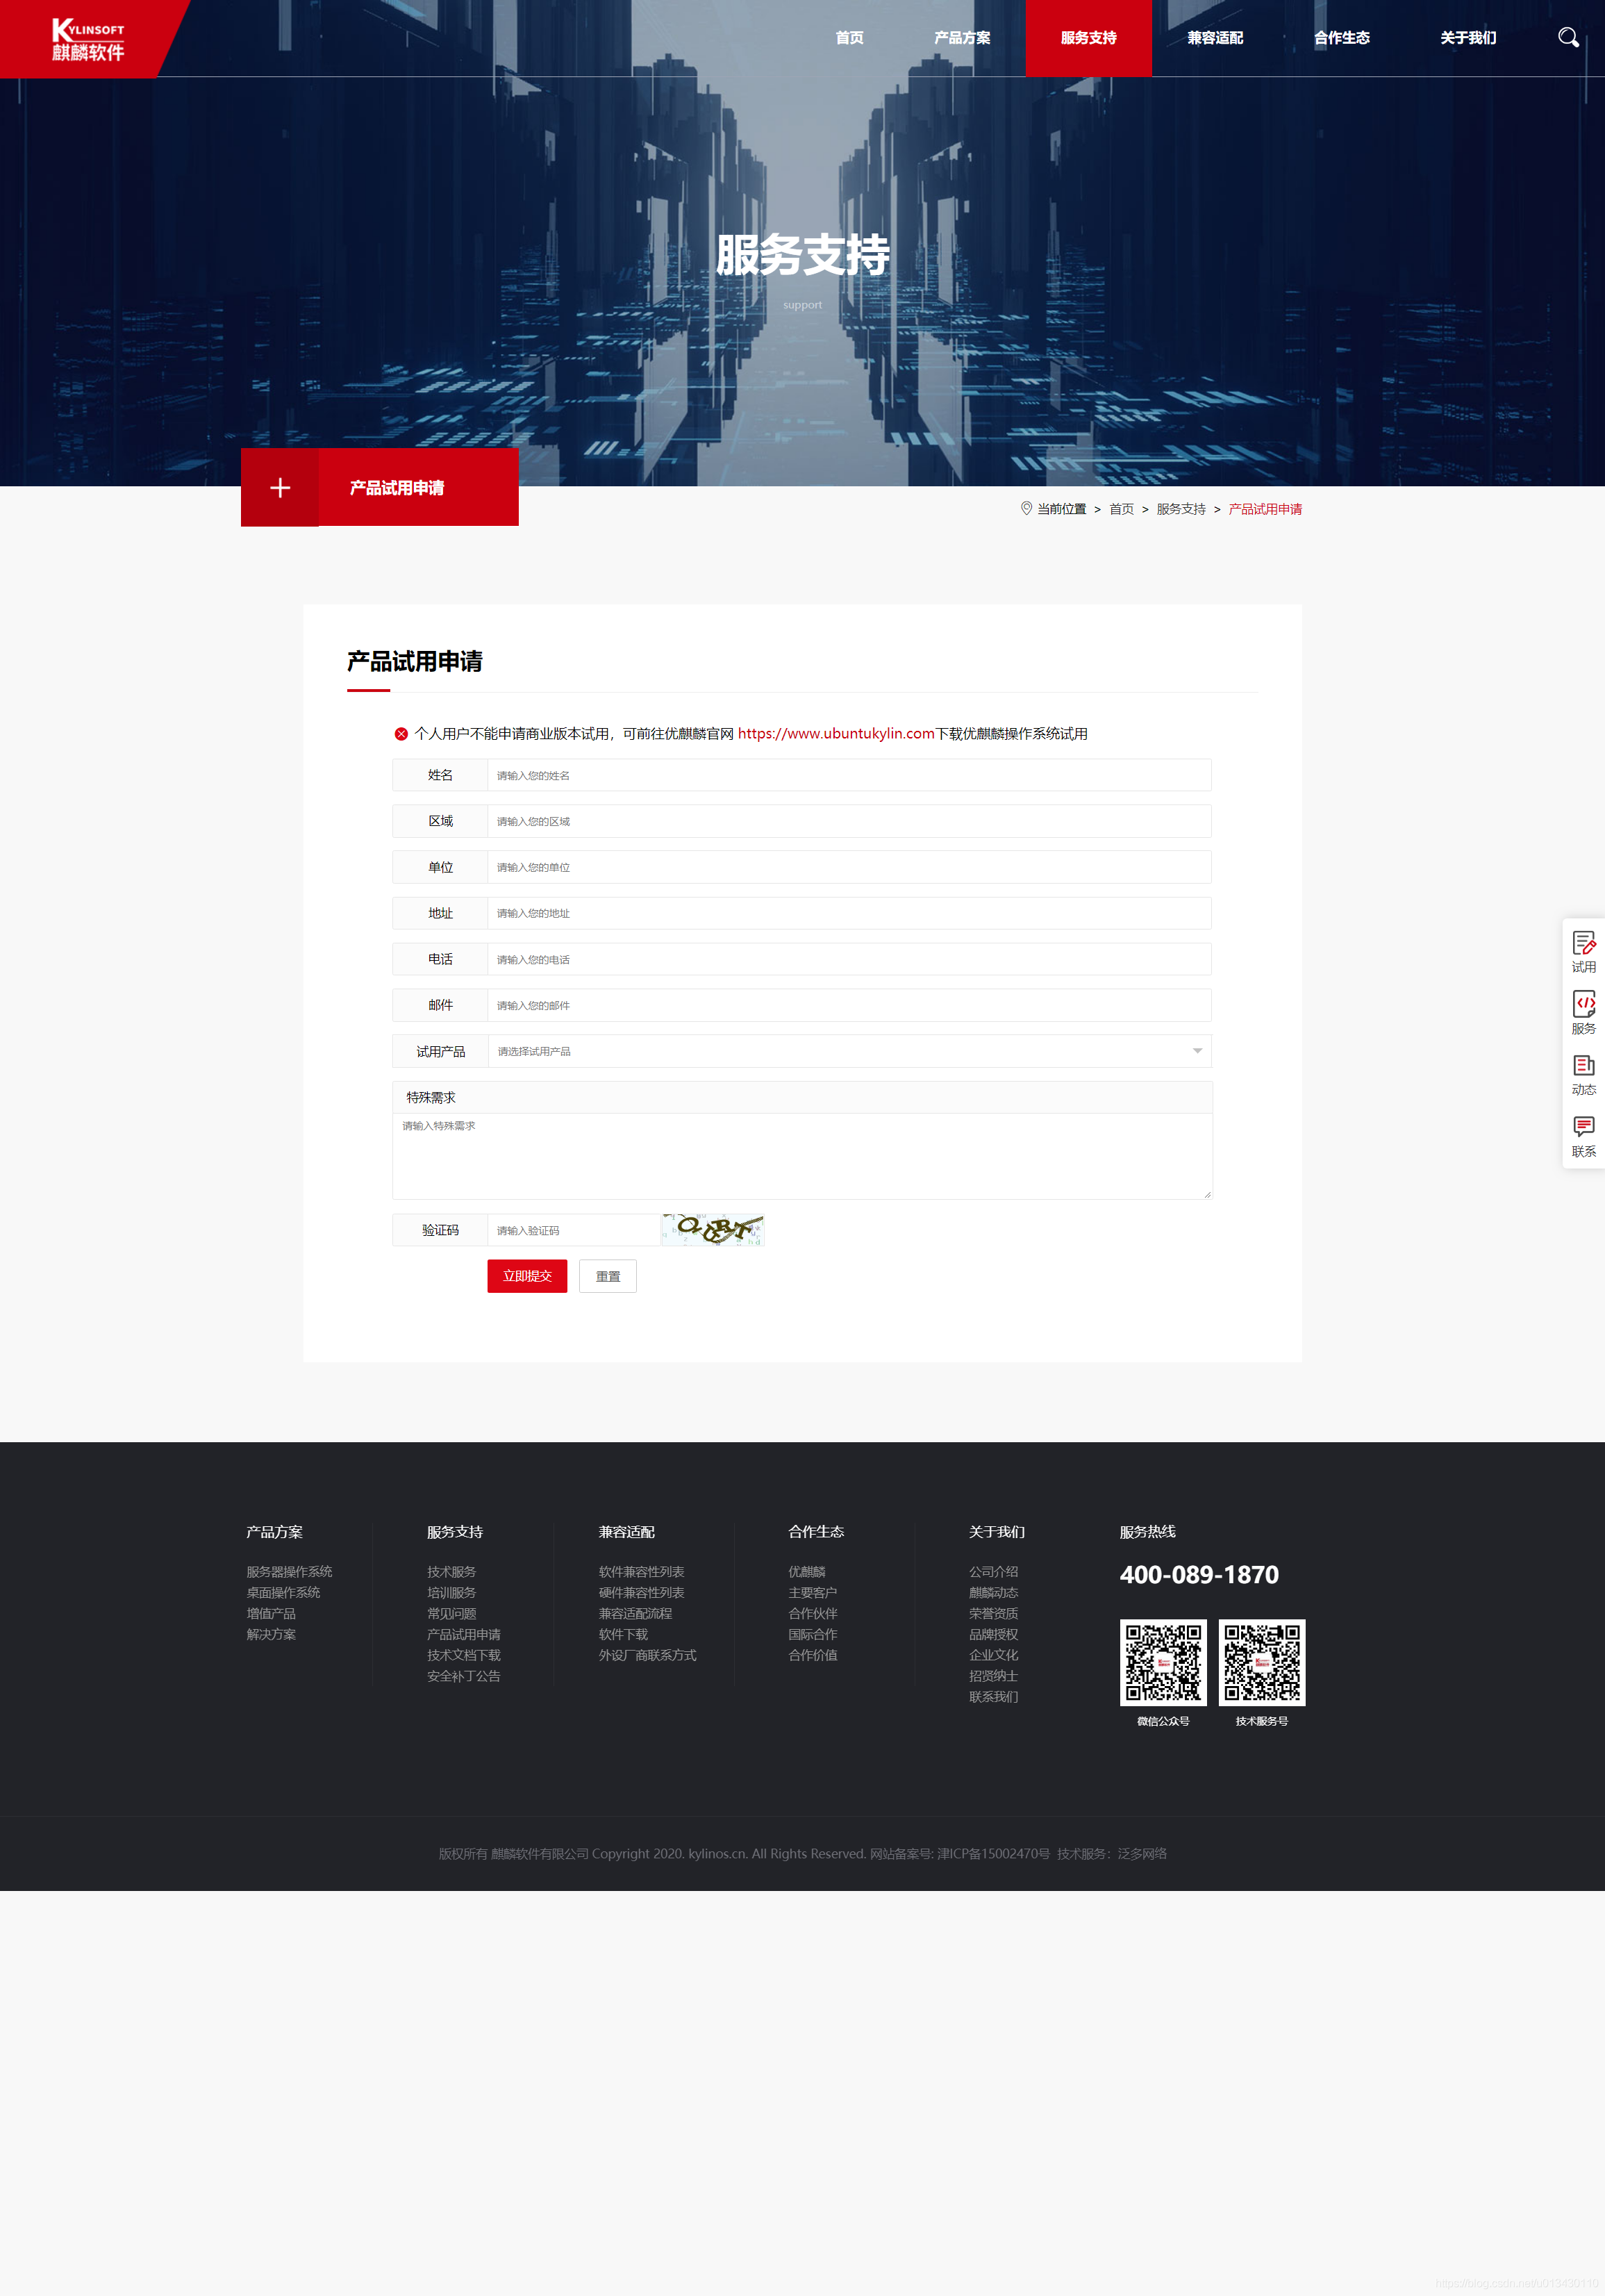 个人用户不能申请商业版本试用,可前往优麒麟官网下载优麒麟操作系统试用: